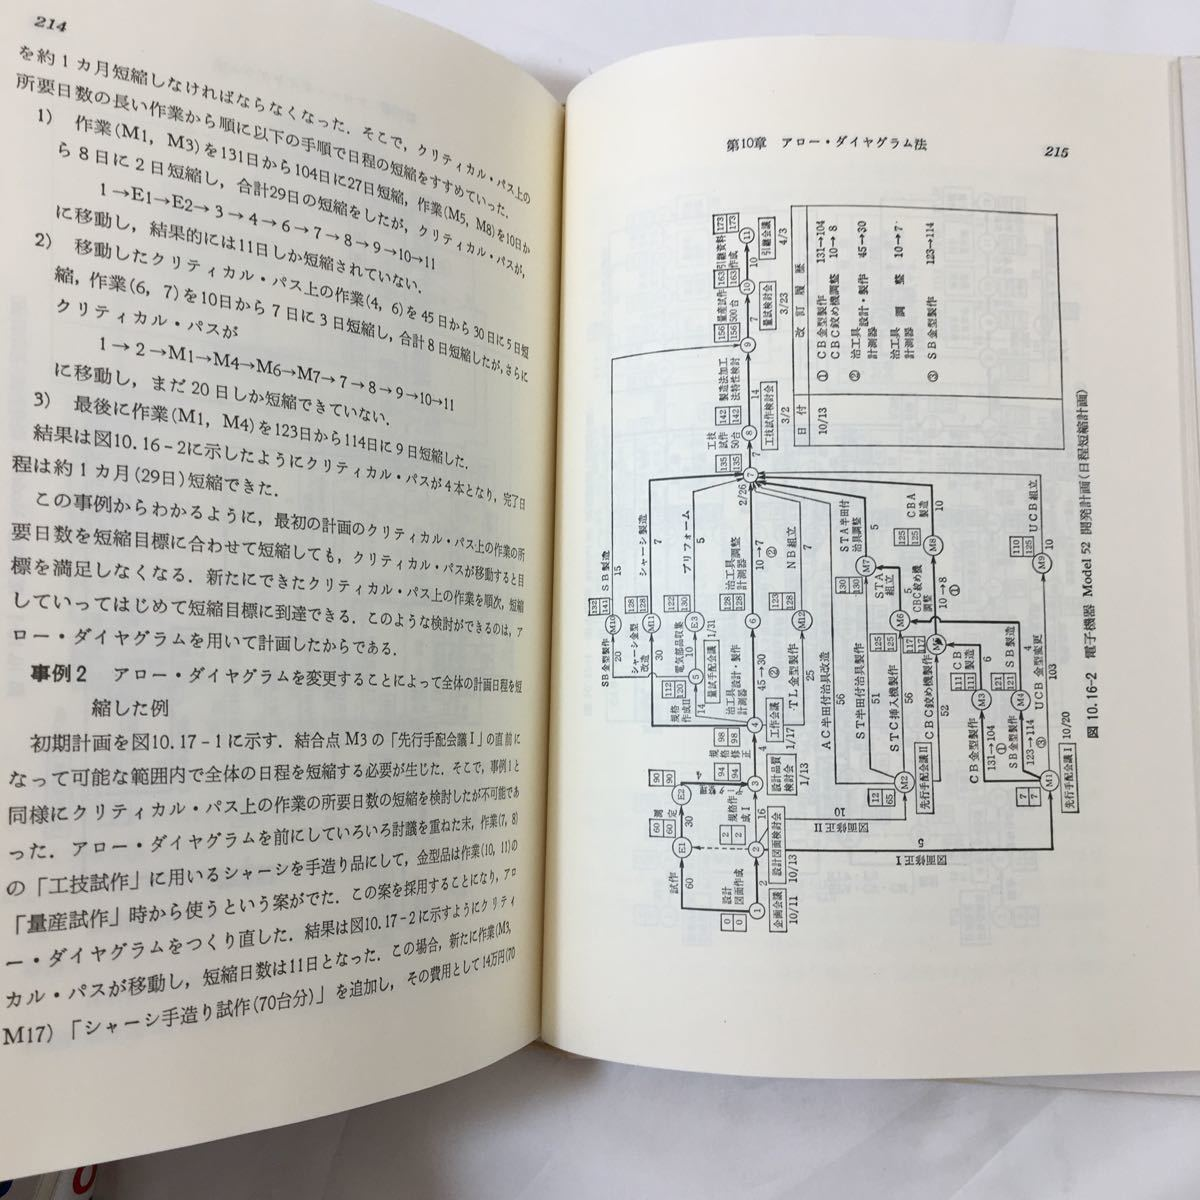 zaa-11 管理者スタッフの新QC七つ道具  日本科学技術連盟 (著) 単行本 1979/5/1_画像7